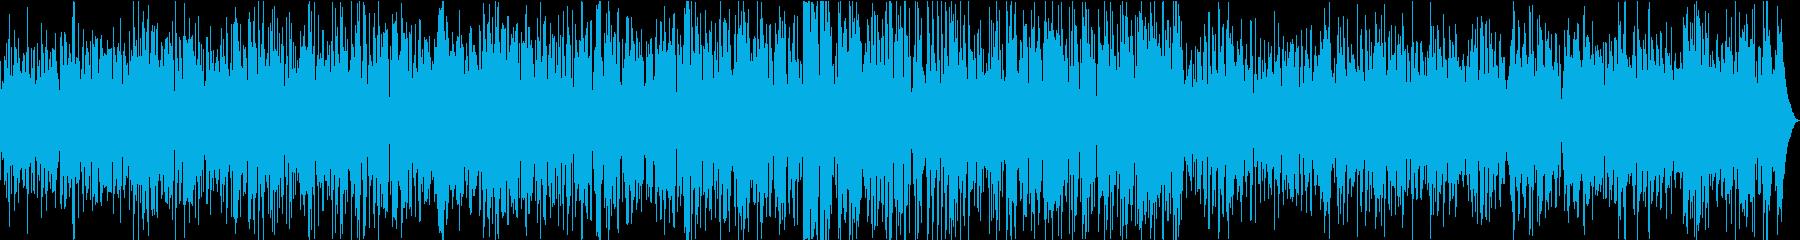 【生演奏】渋い大人のカフェボサノバの再生済みの波形